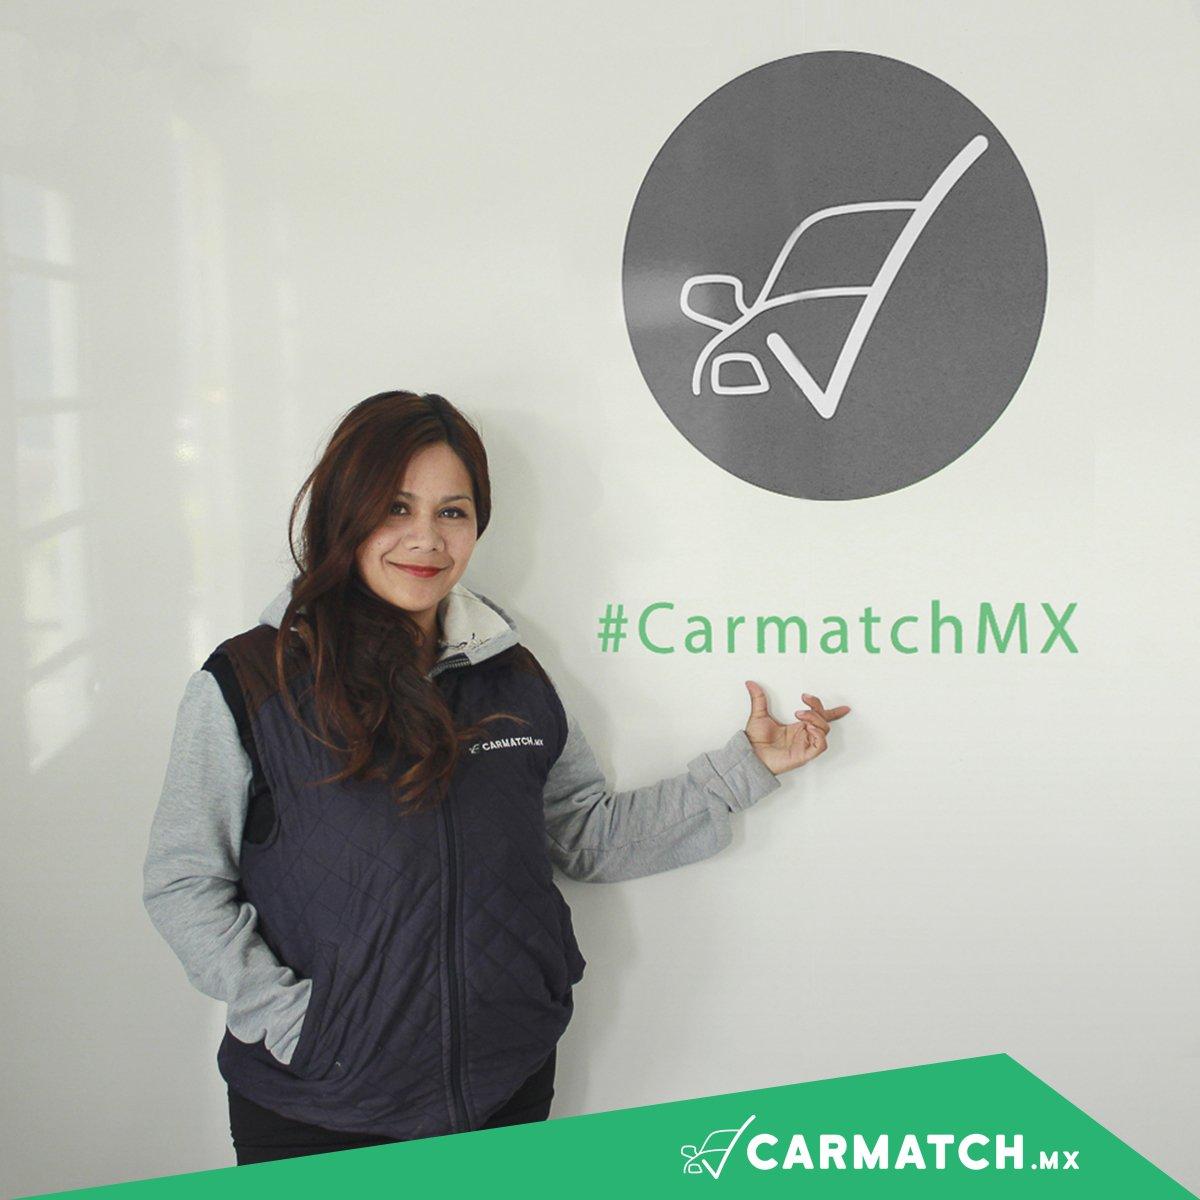 ¡Conoce a Yaz! Ella es nuestra compradora en nuestro Centro de Inspección de Ecatepec 😉  ¿Aún no agendas tu cita? Házlo aquí y vende tu coche de manera fácil y segura 🚙💰✅  https://t.co/5gN1pwgnF9 https://t.co/Qaxkhp6Lq3